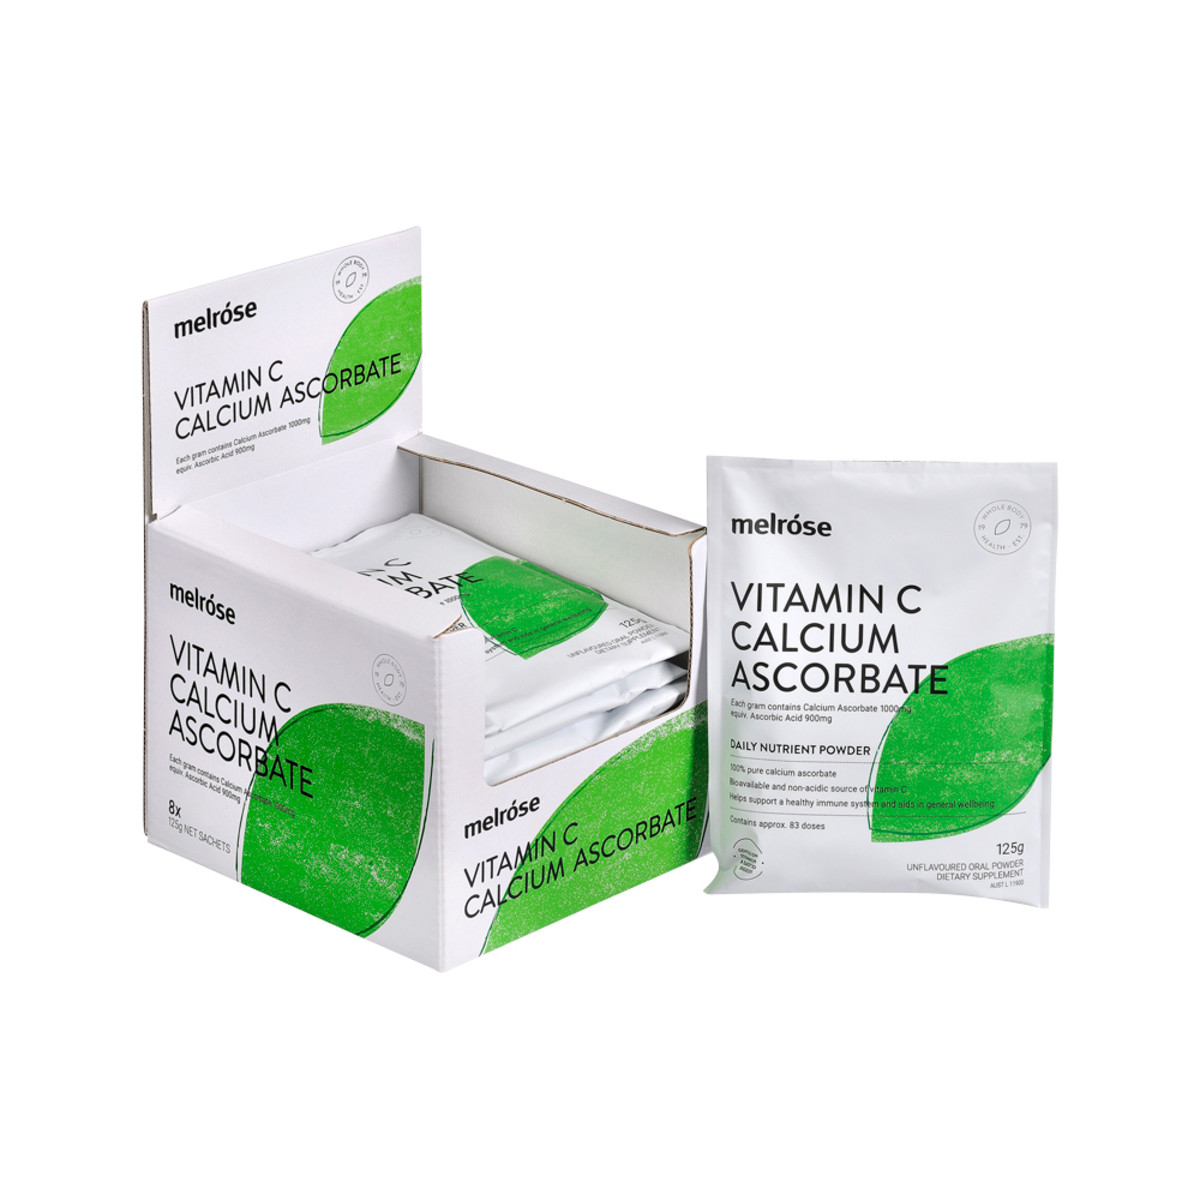 Melrose Vitamin C Calcium Ascorbate 125g